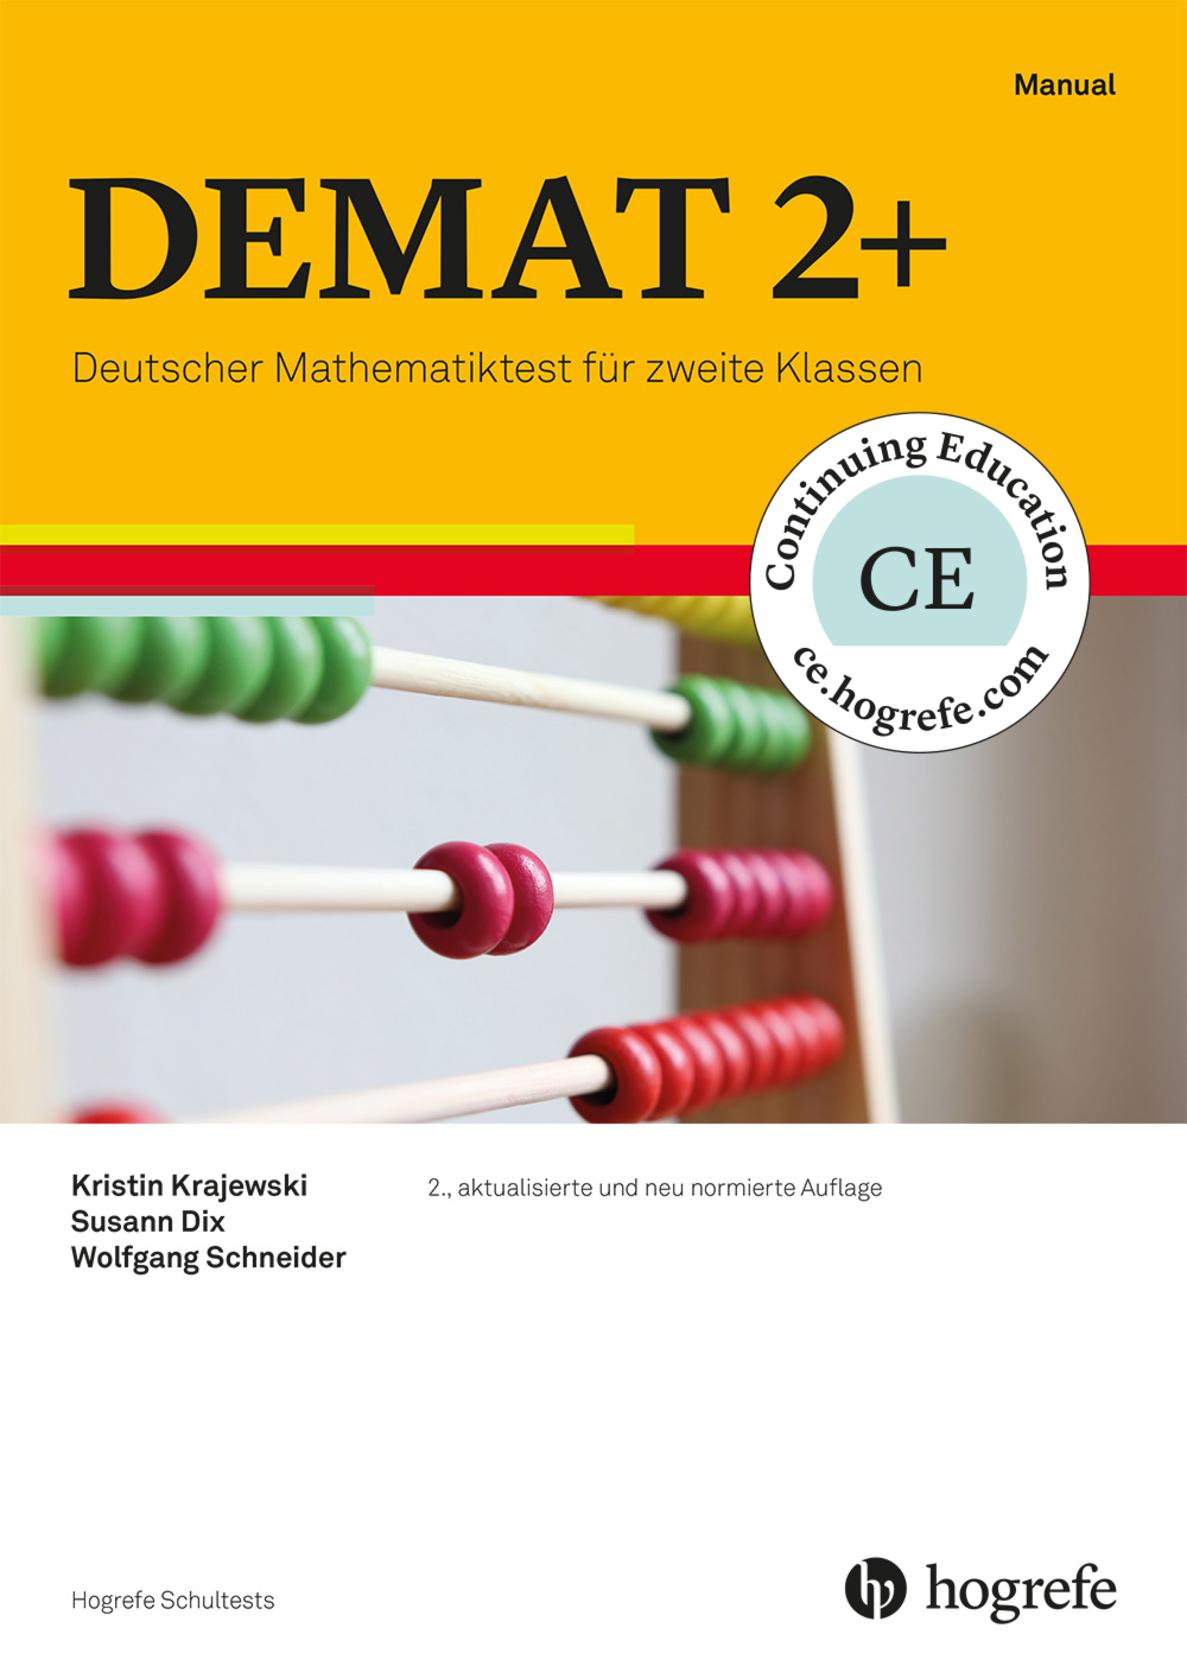 Test komplett bestehend aus: Manual, 5 Testhefte Form A, 5 Testhefte Form B, Schablonensatz Form A, Schablonensatz Form B und Mappe